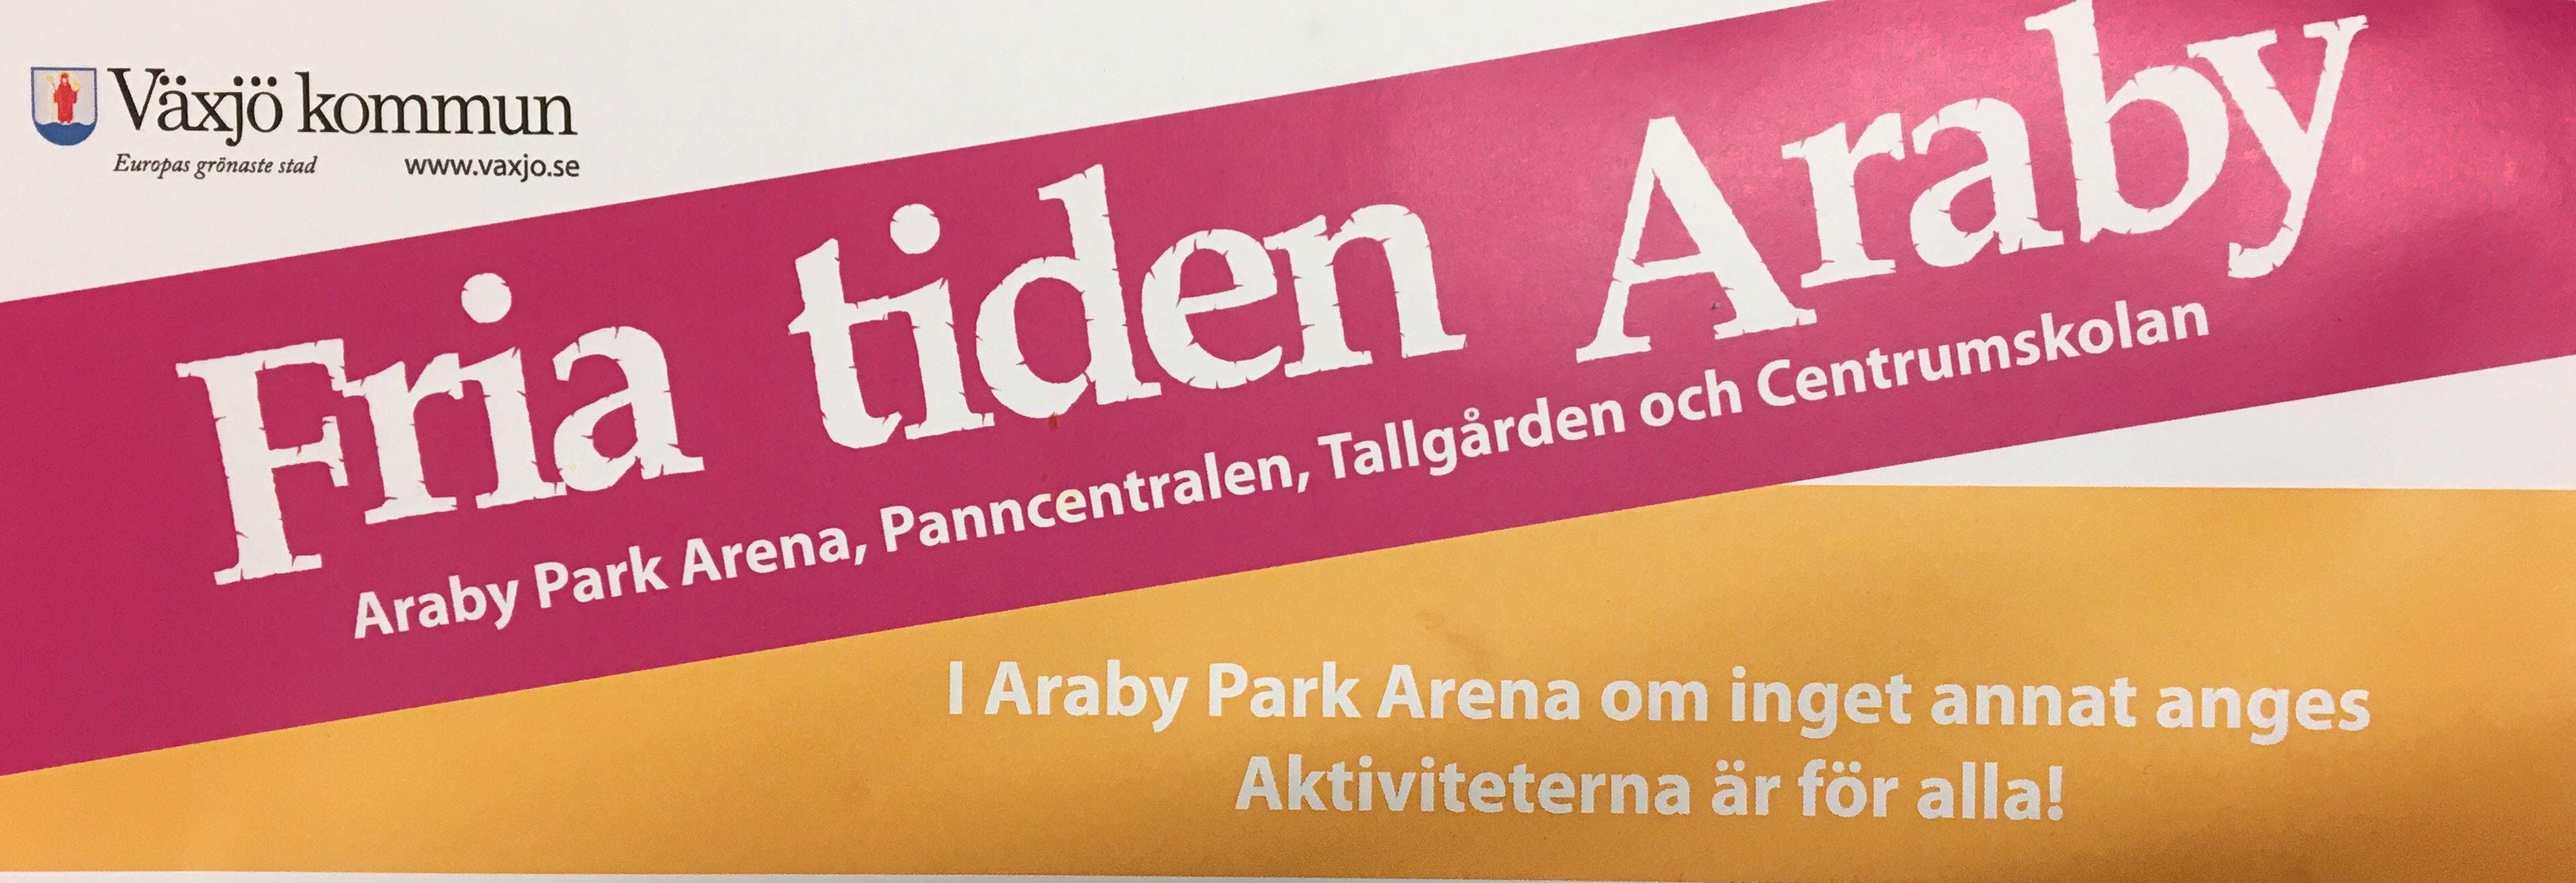 Fria Tiden Araby: Tisdag